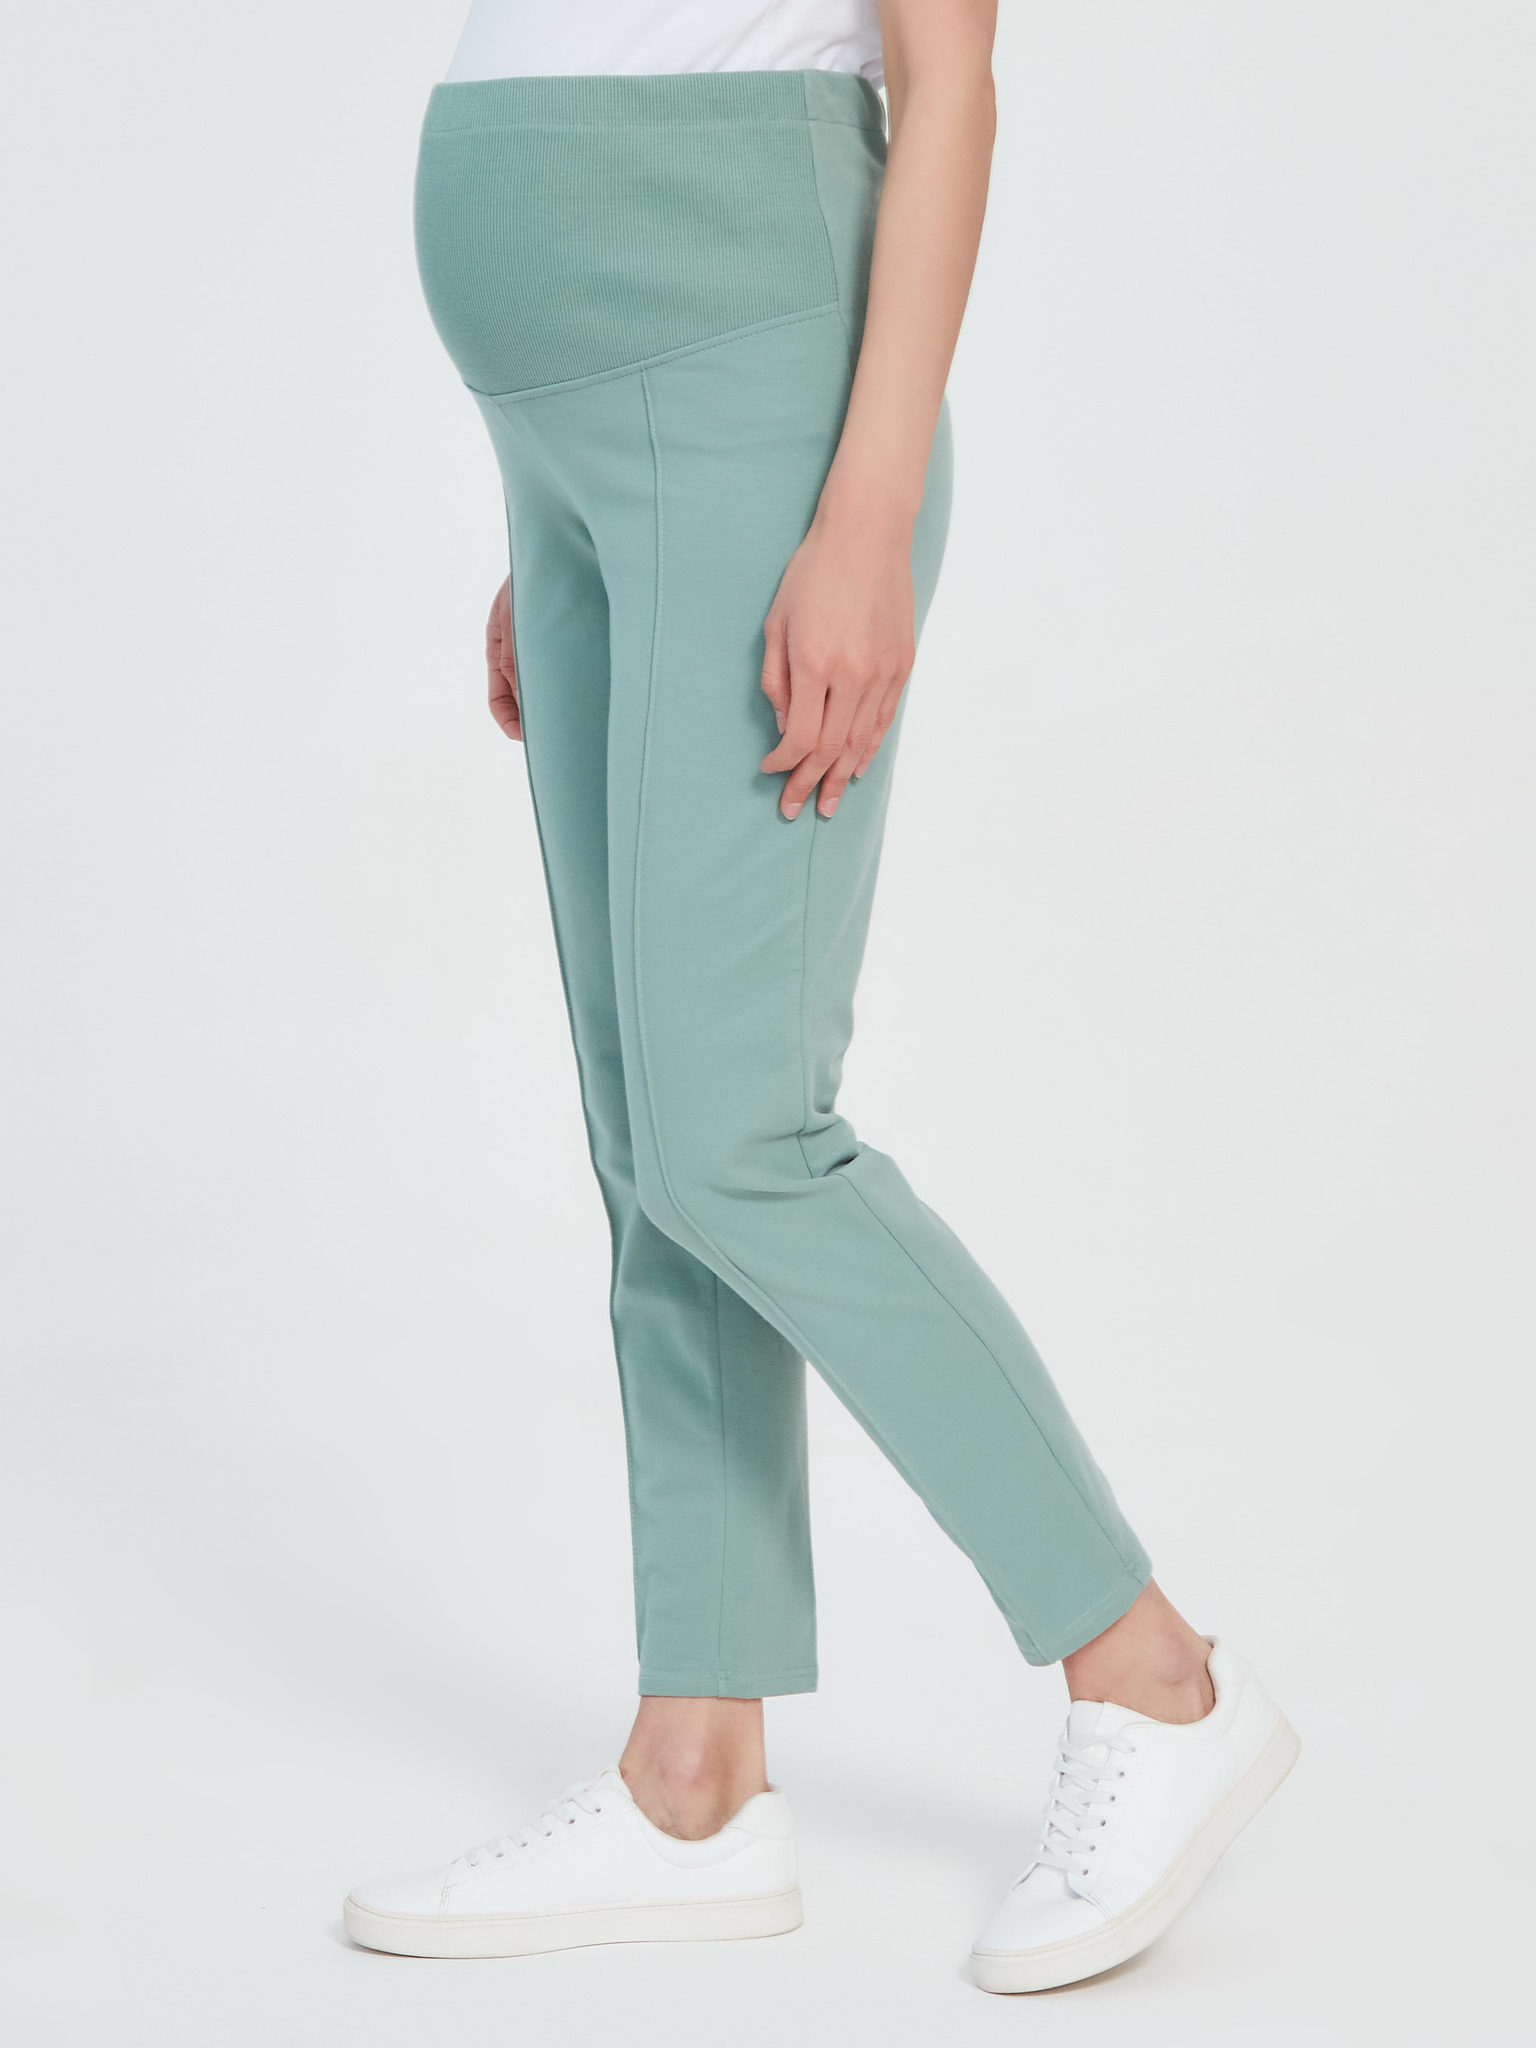 Трикотажные брюки из хлопка Chic mama для беременных